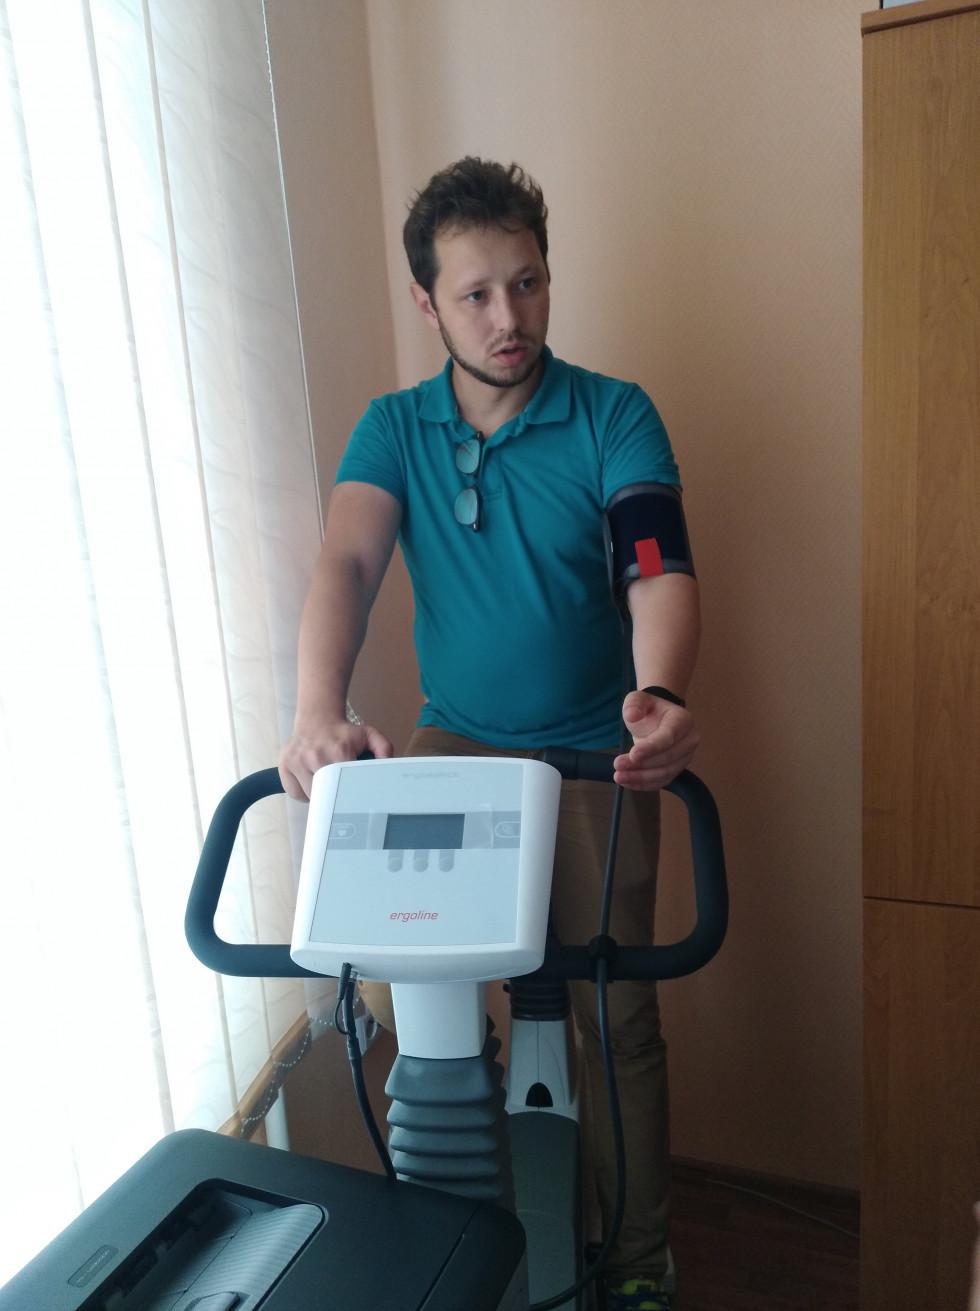 Для Луцької міської клінічної лікарні закупили новий комплект обладнання для діагностики проблеми з серцем